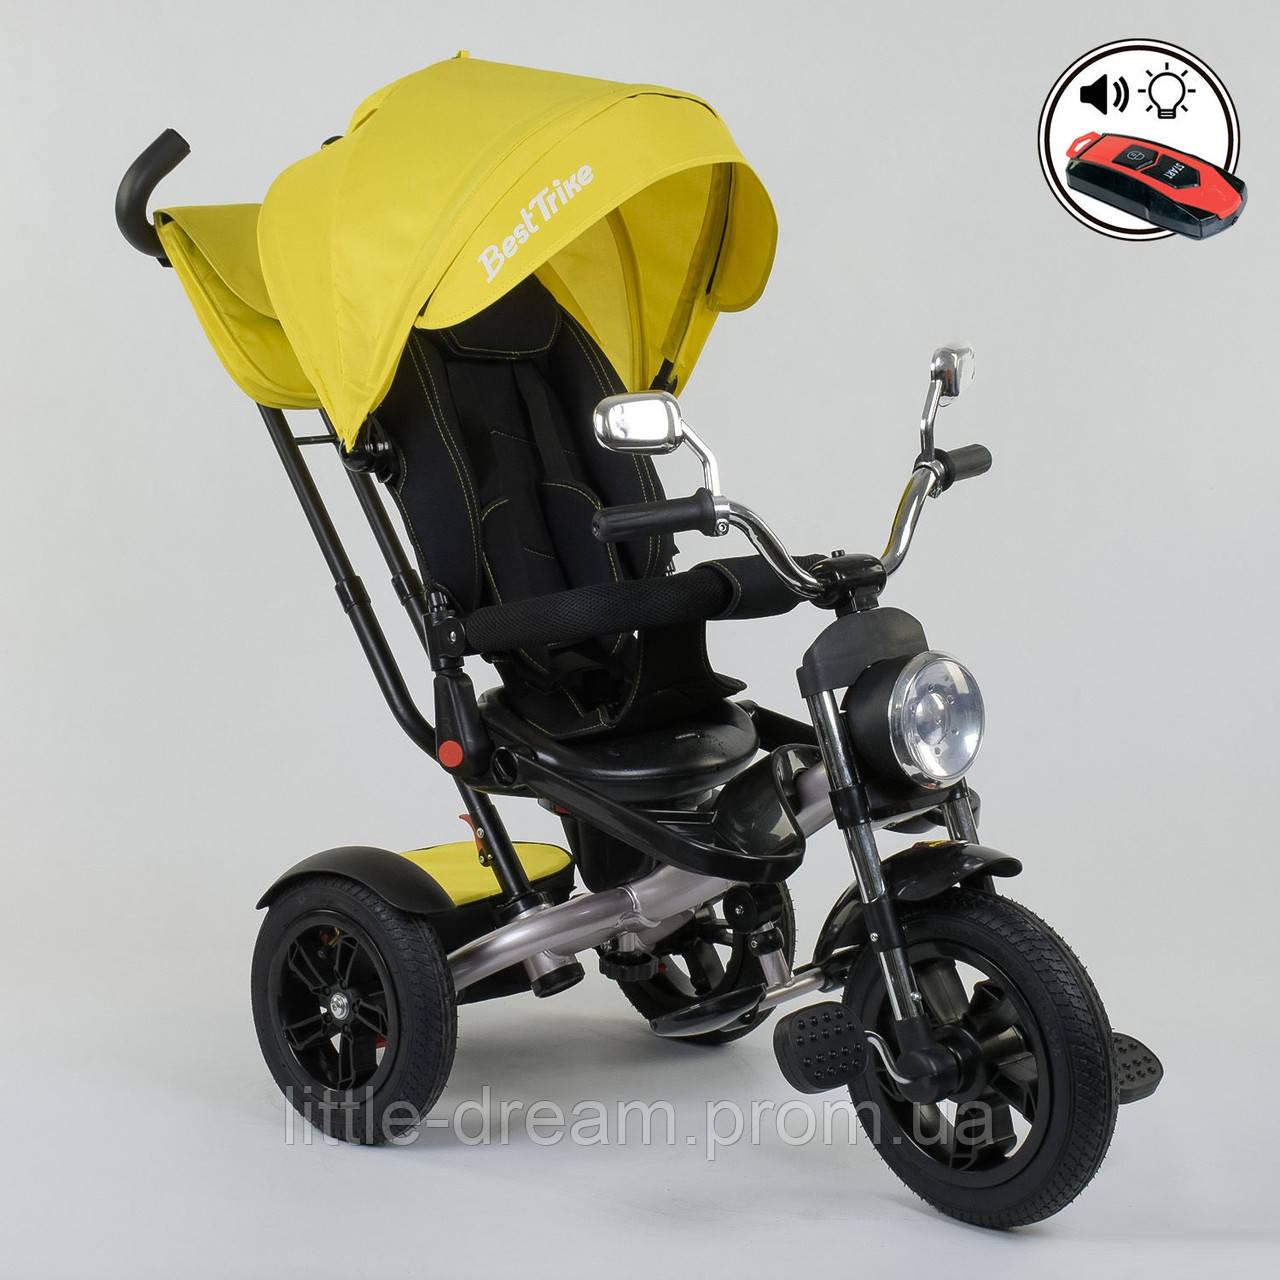 Велосипед 3-х колёсный Best Trike 4490 - 3948, поворотное сиденье, складной руль, русское озвучивание, надувные колеса, пульт включения звука и света